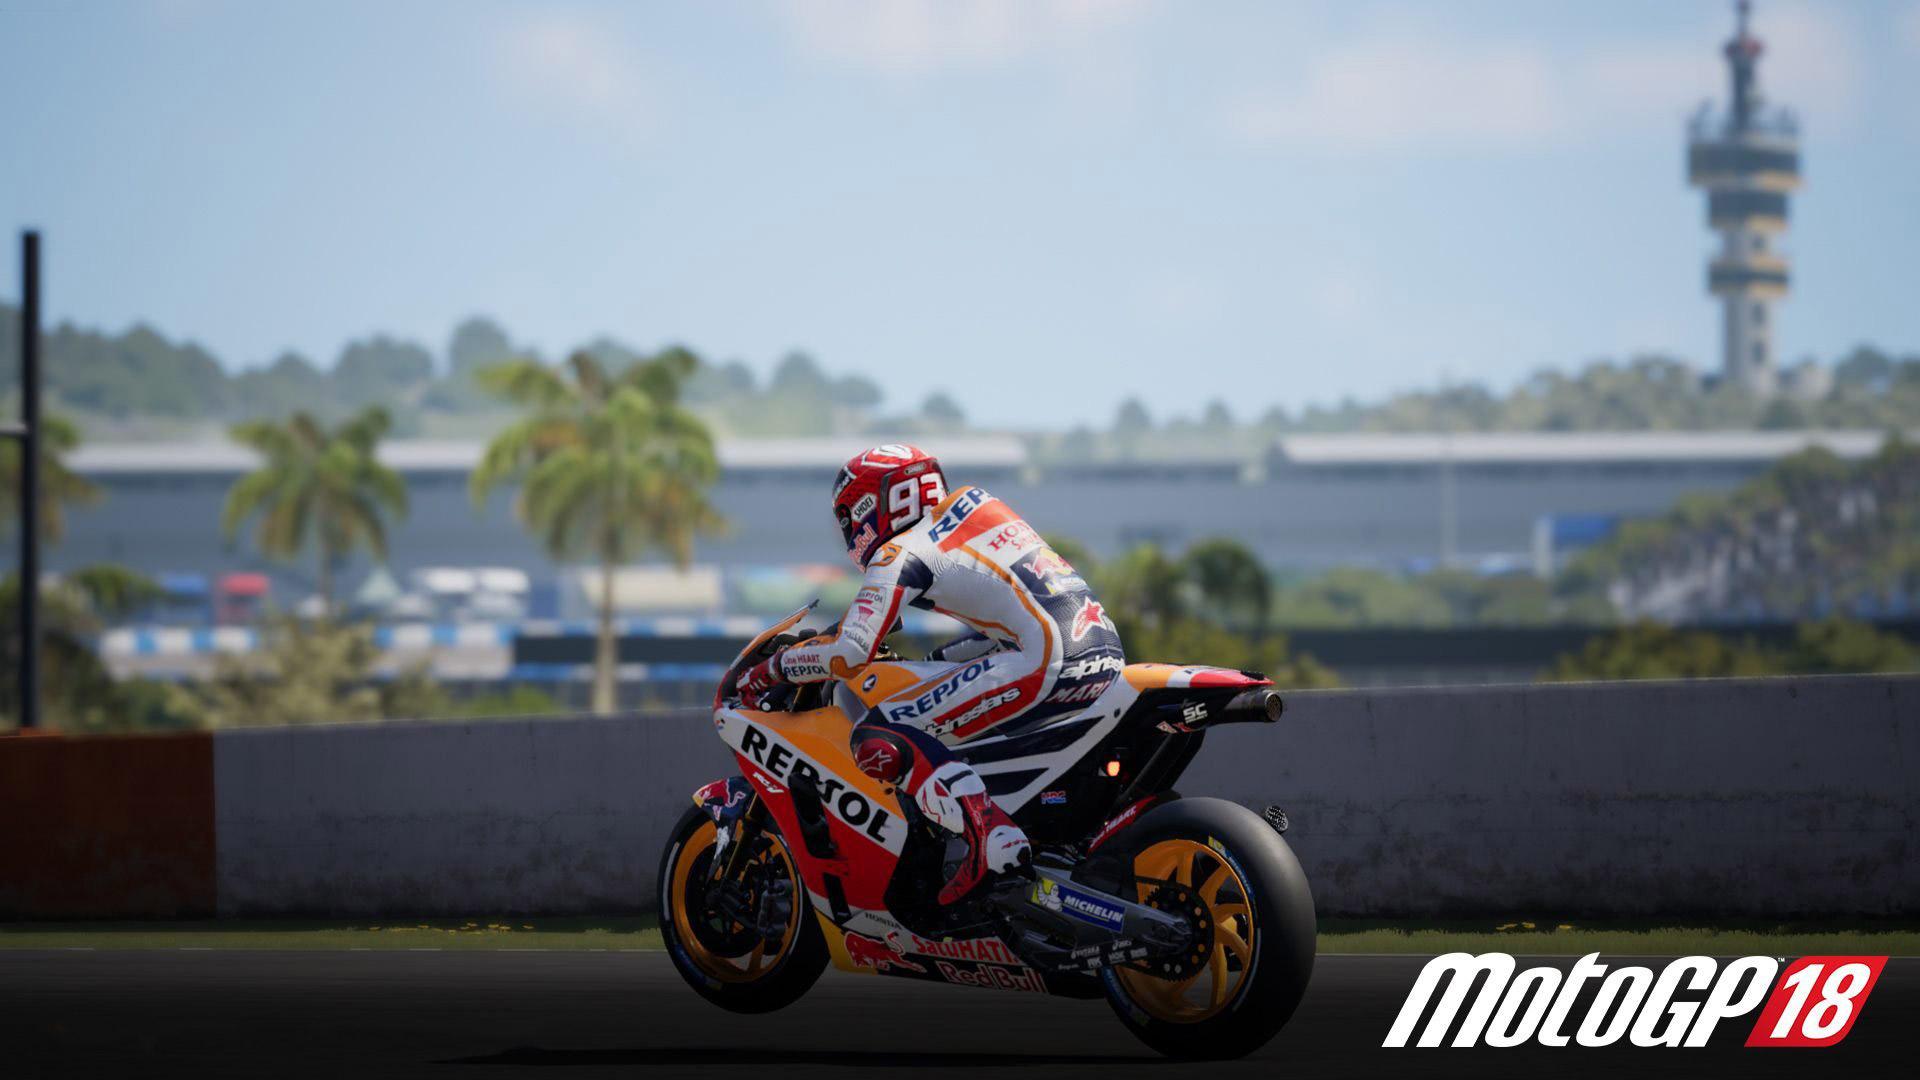 Free MotoGP 18 Wallpaper in 1920x1080